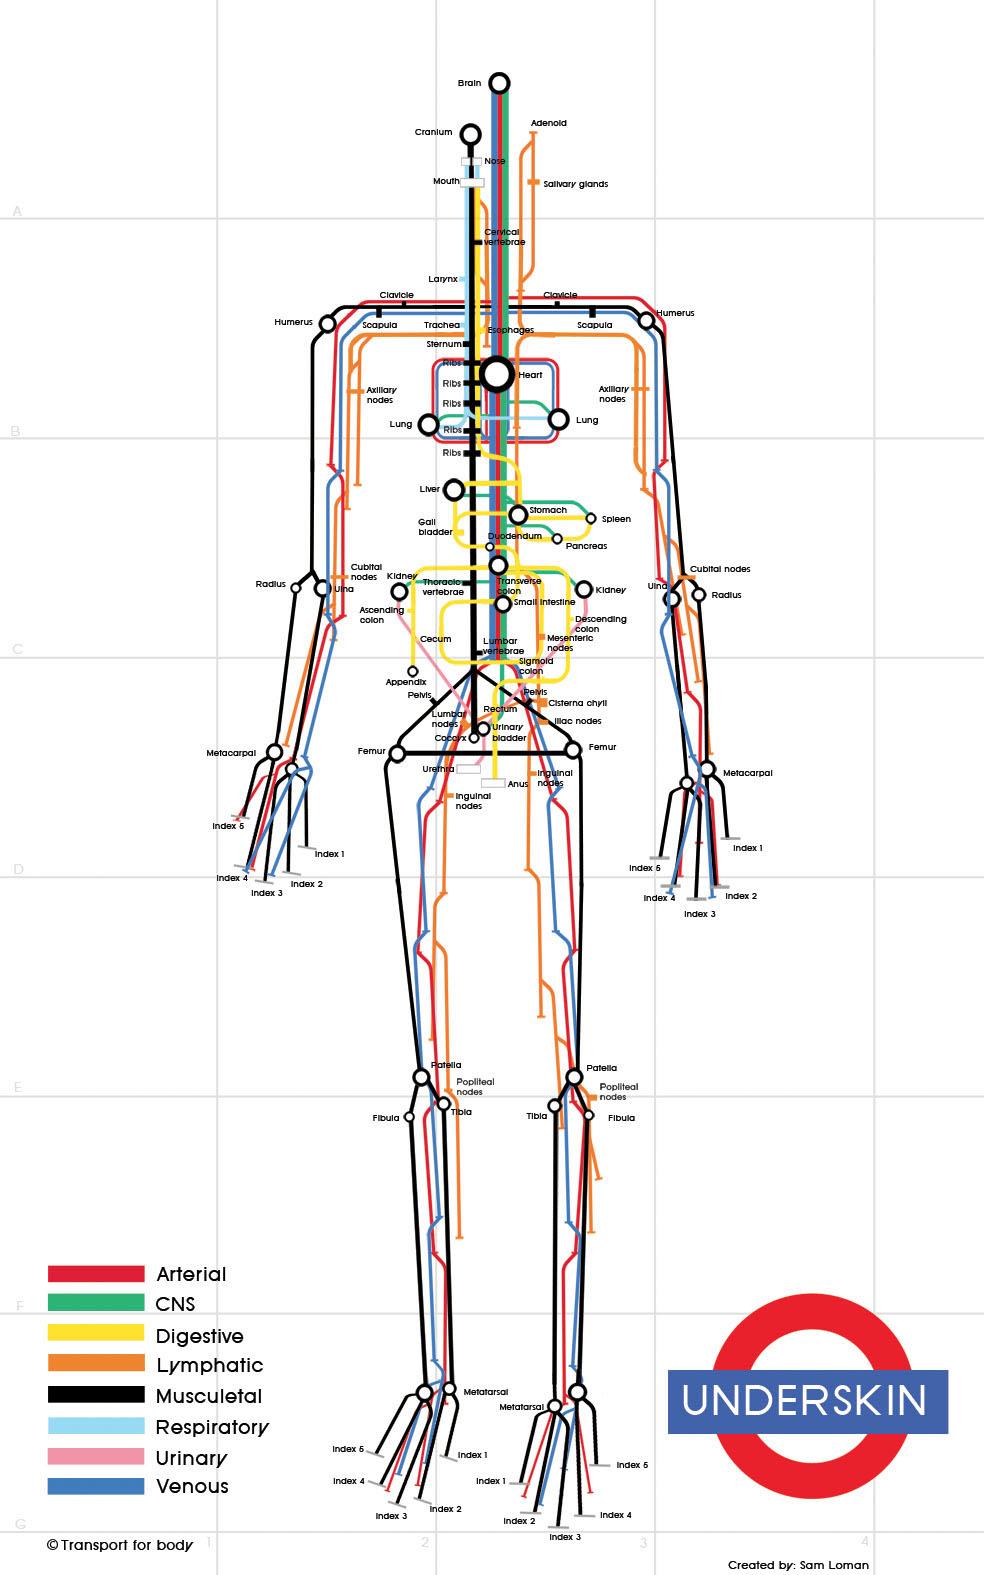 人体組織を路線図で表現した「Underskin: The Human Subway Map」